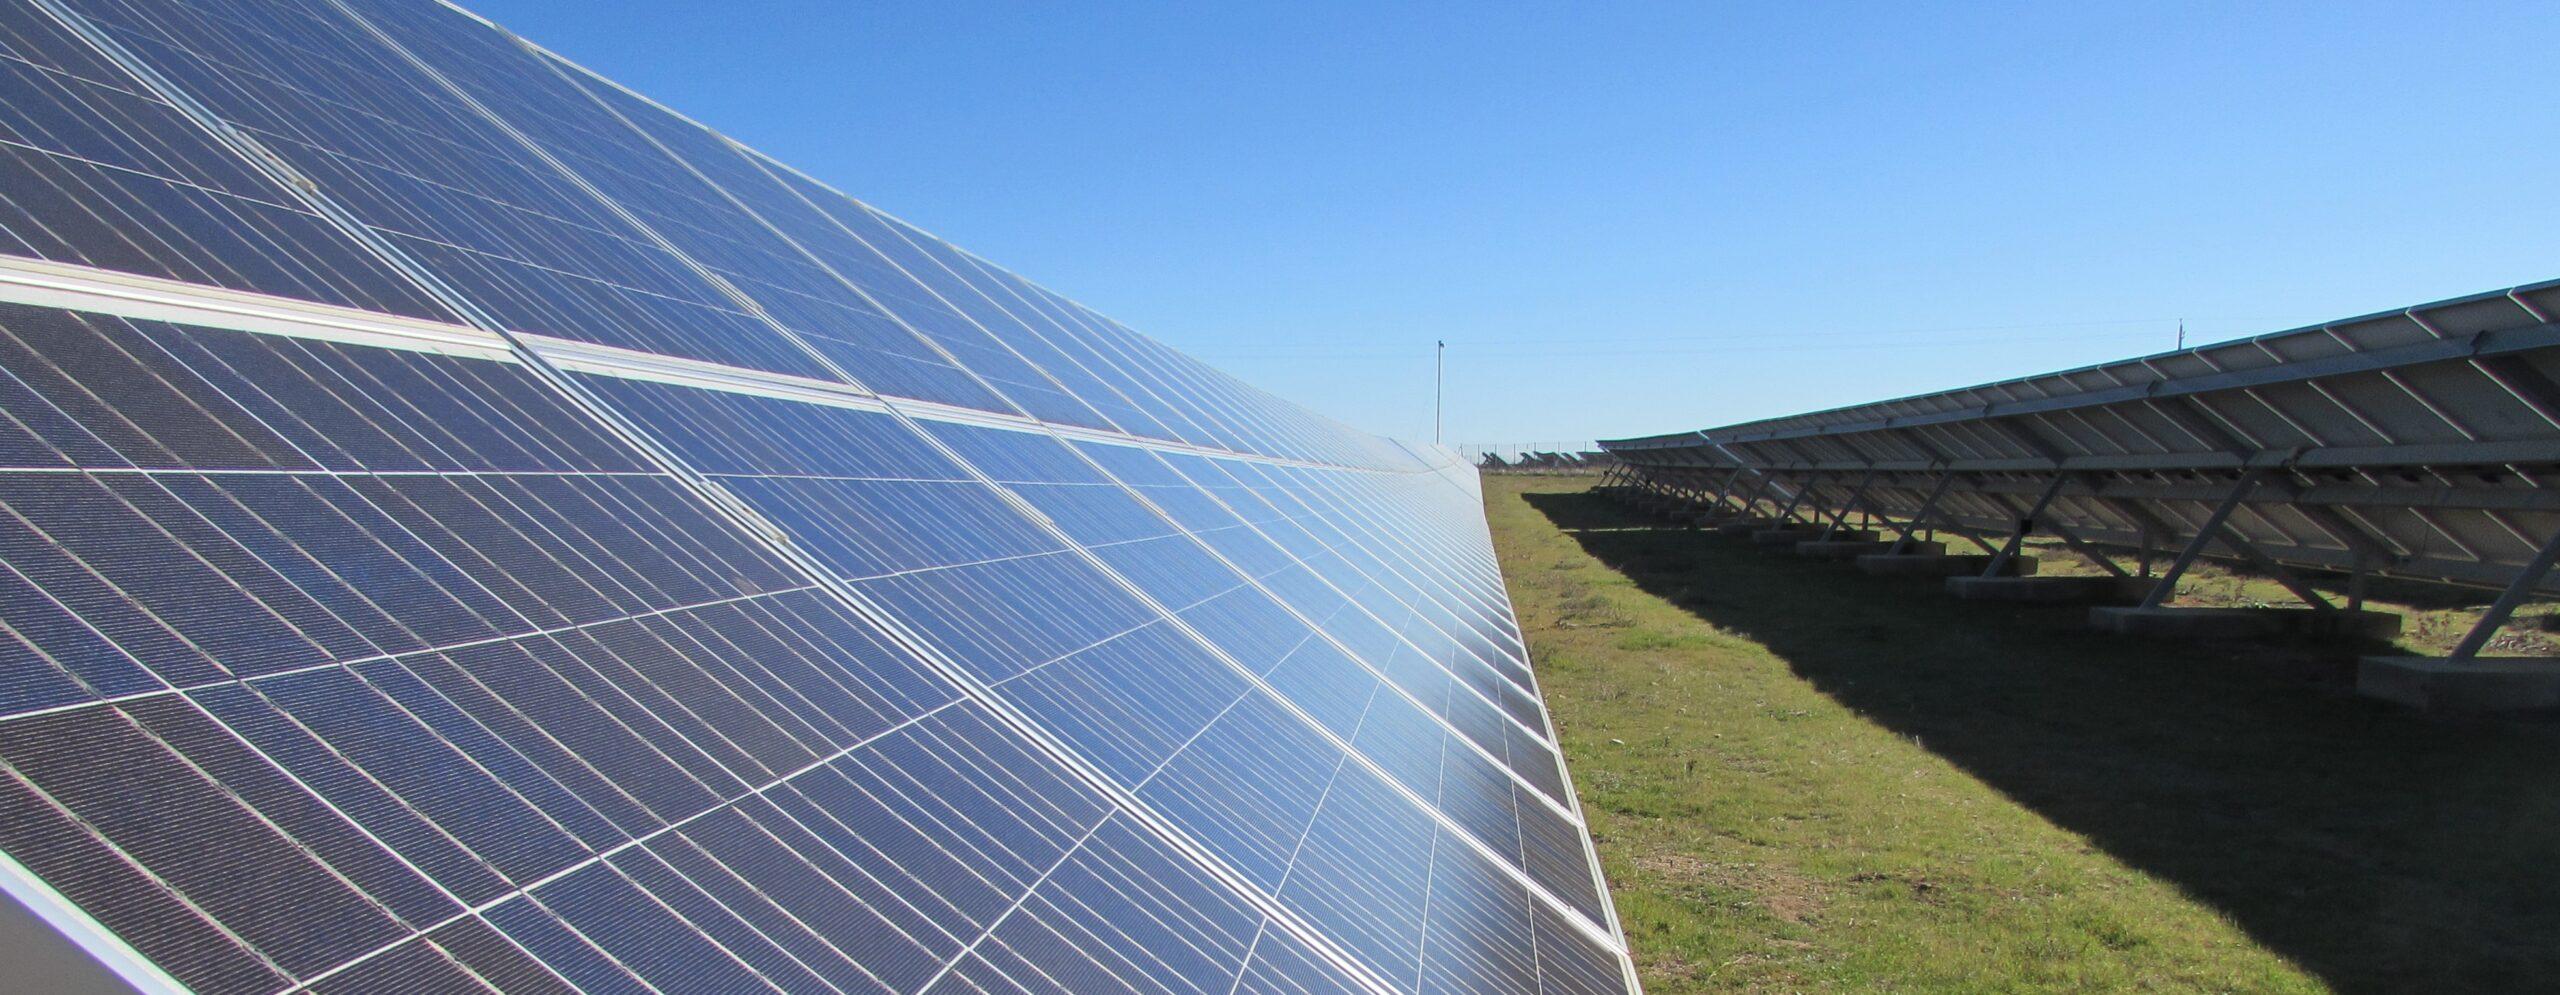 Planta solar GFM